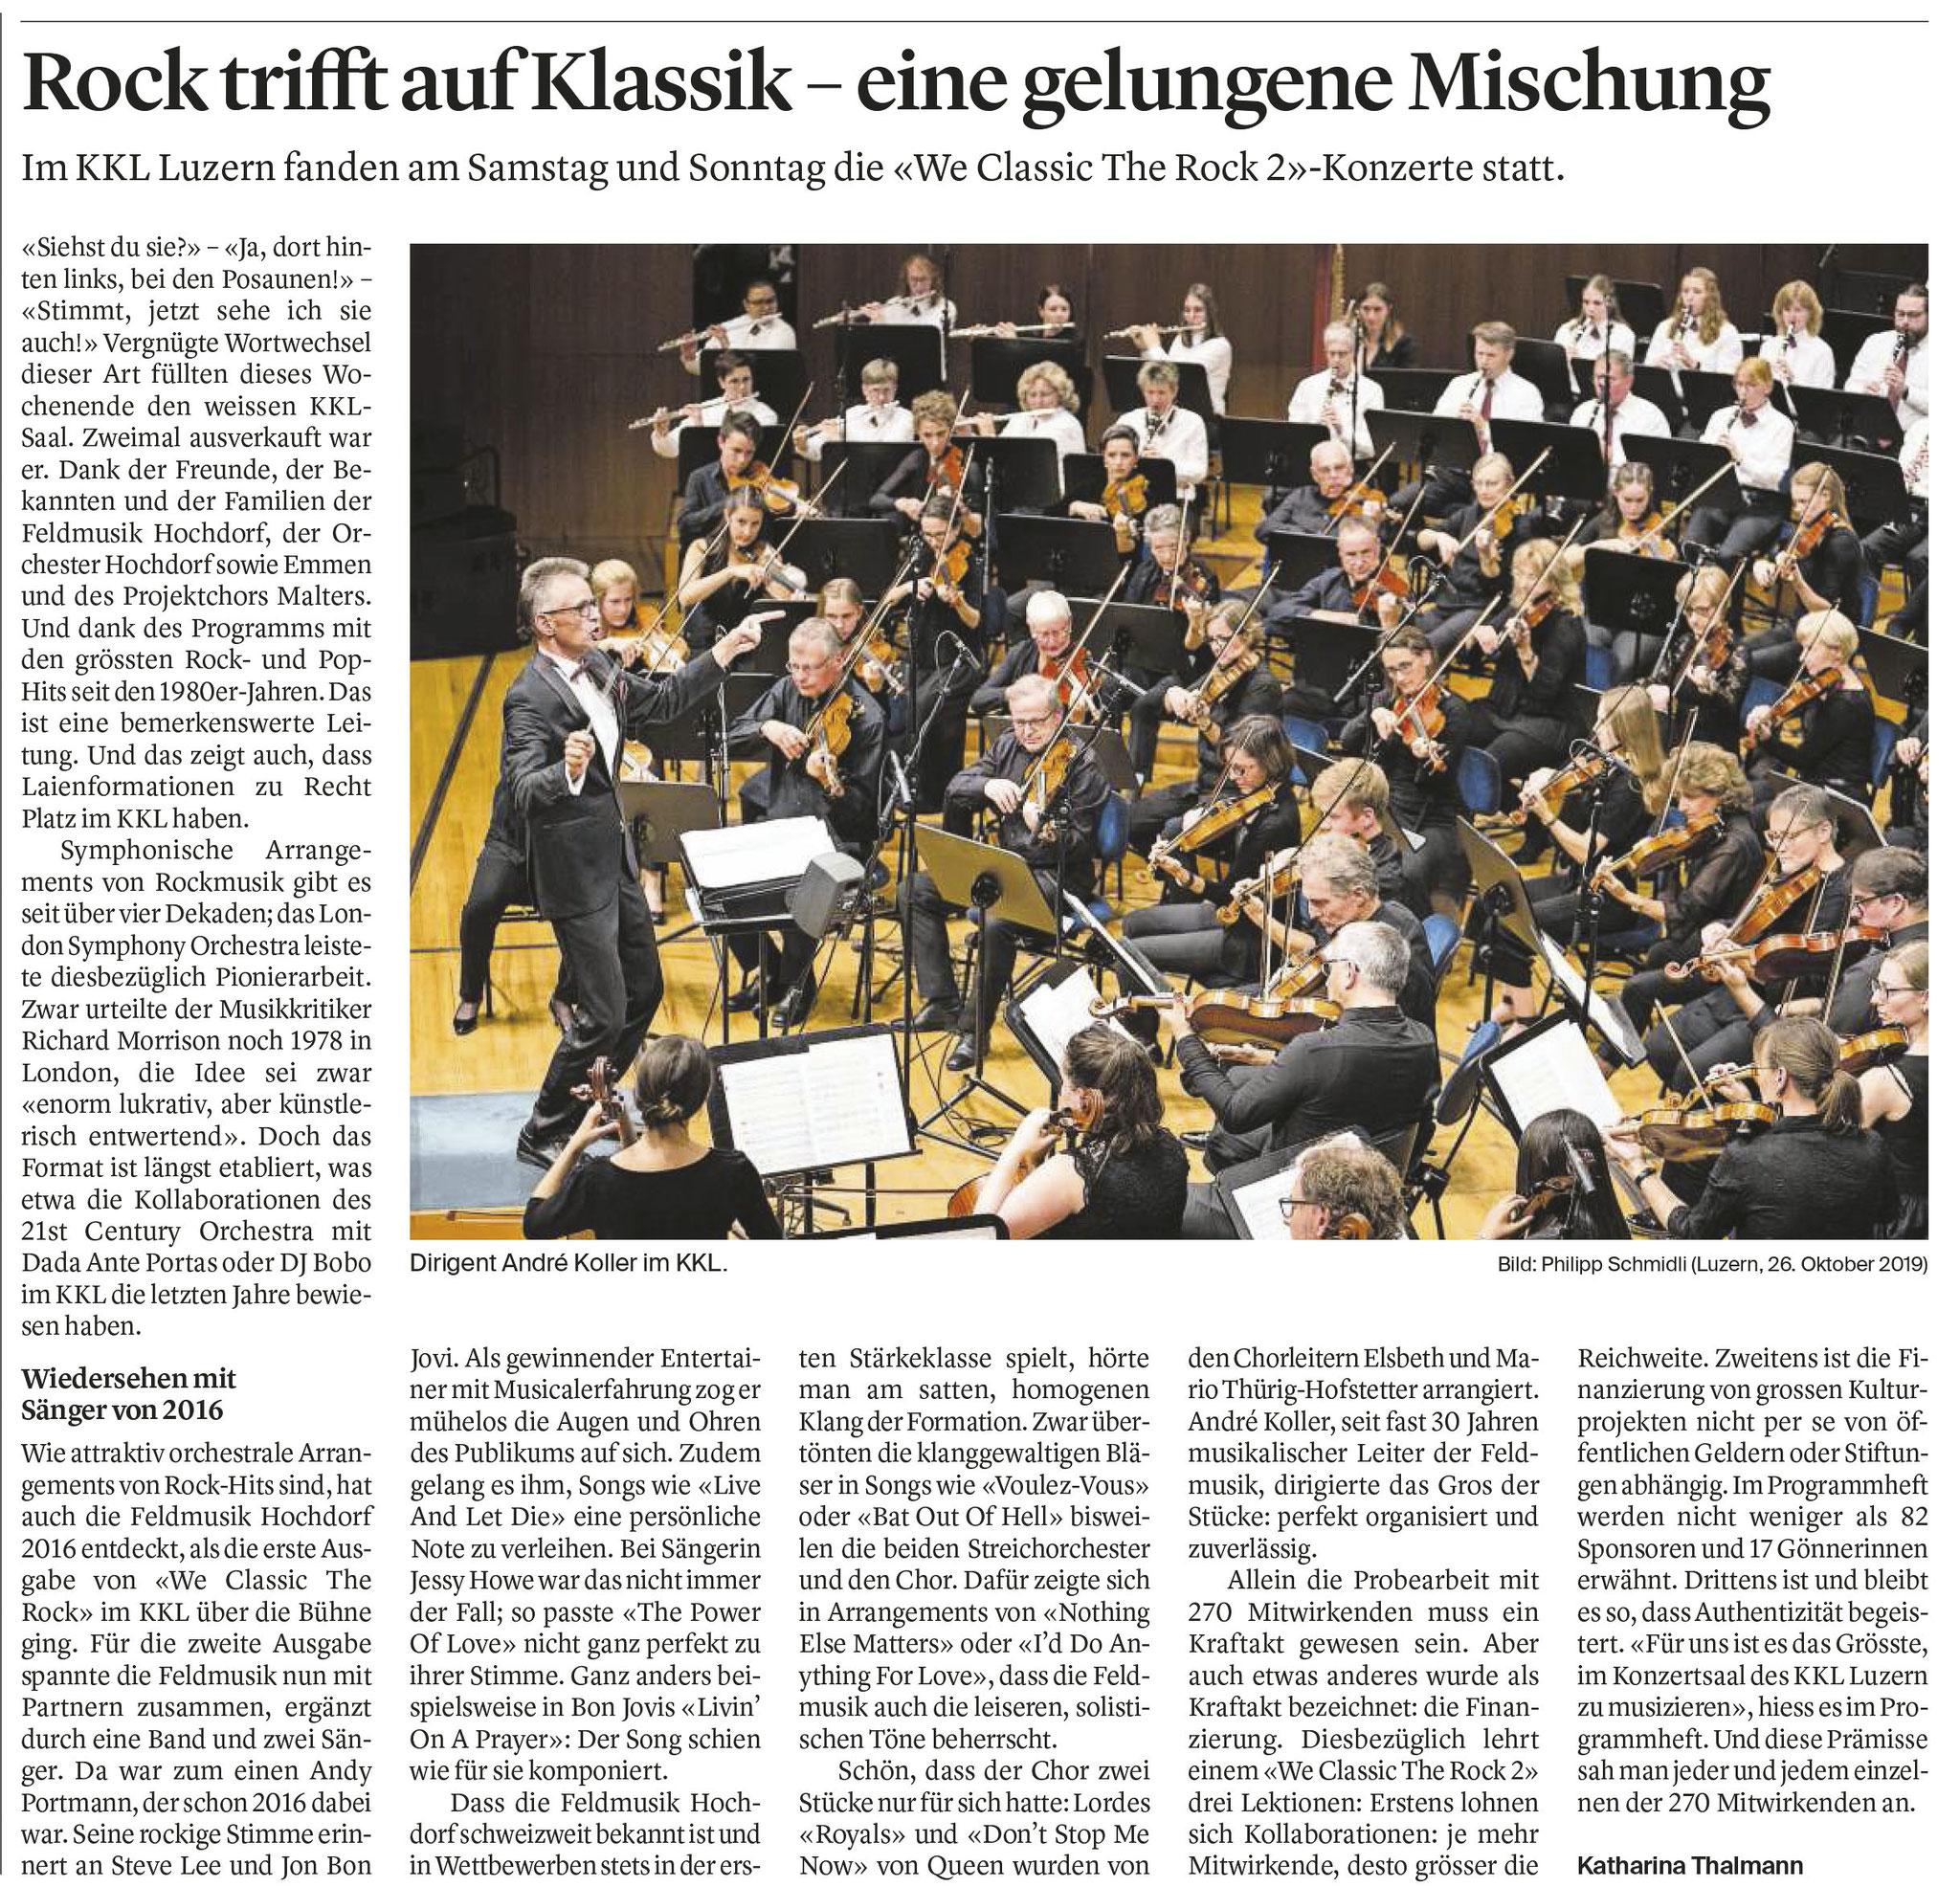 Luzerner Zeitung, Katharina Thalmann